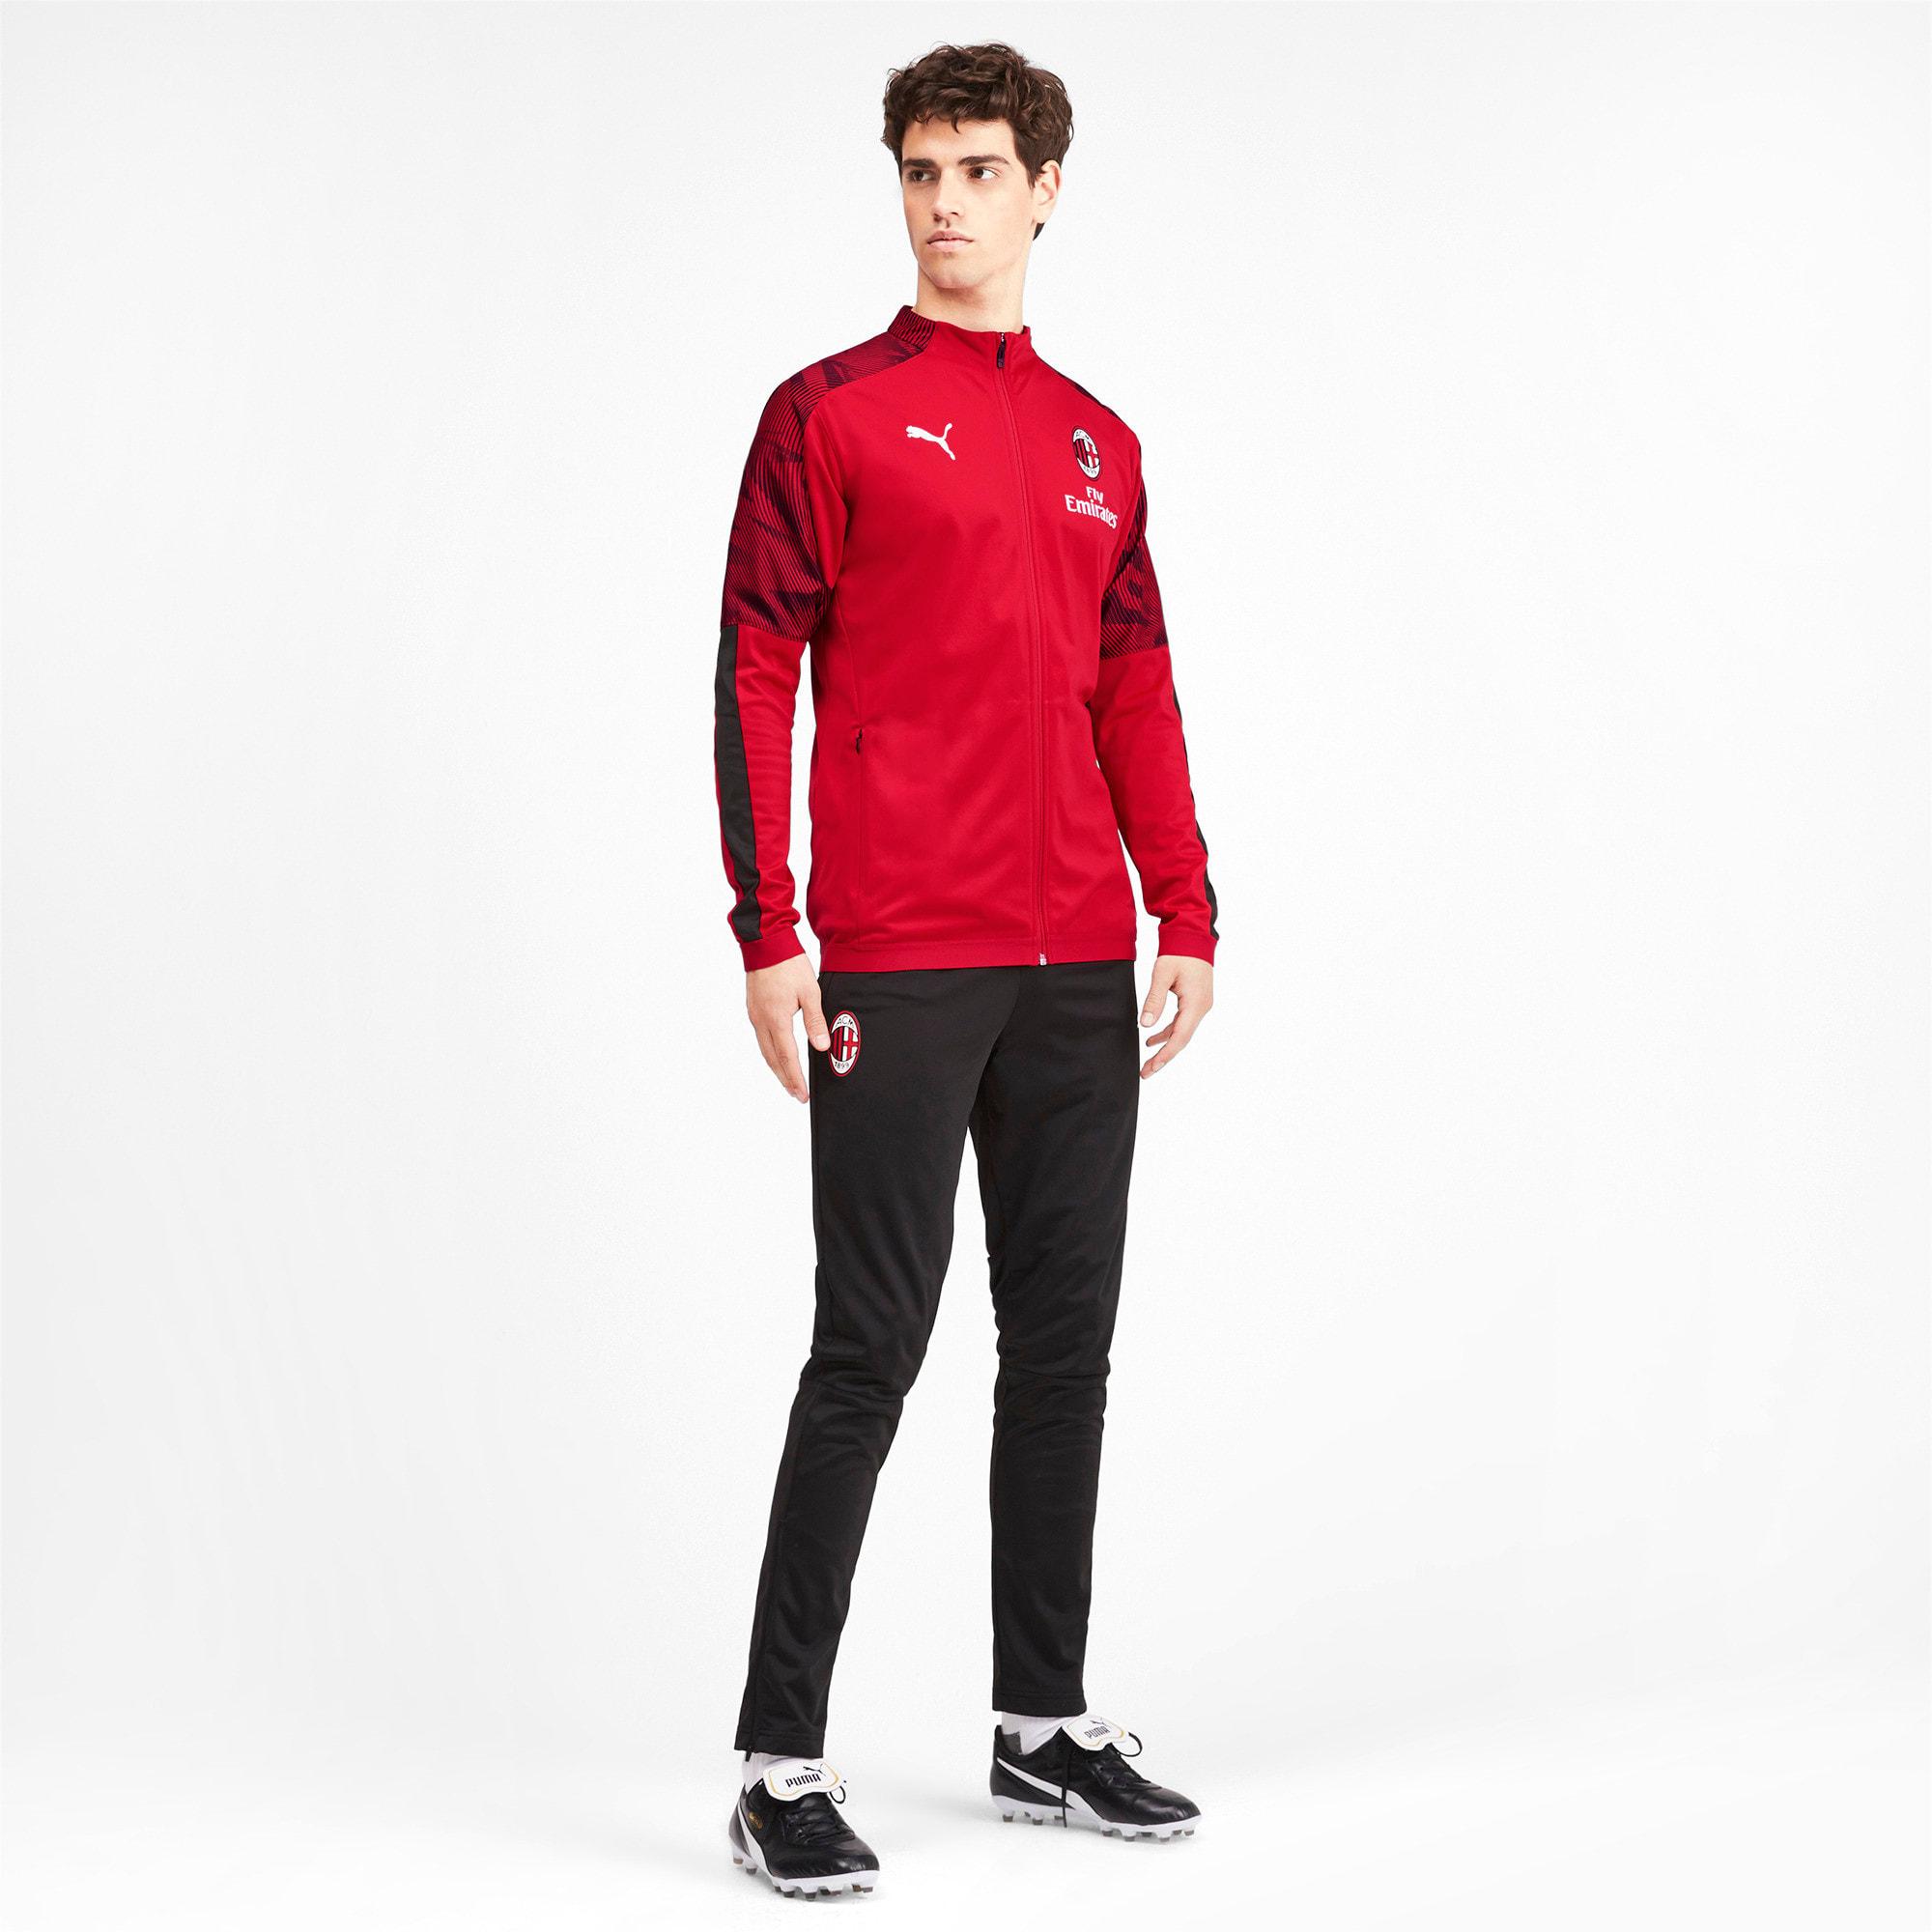 Thumbnail 3 of AC Milan Men's Poly Jacket, Puma Black-Tango Red, medium